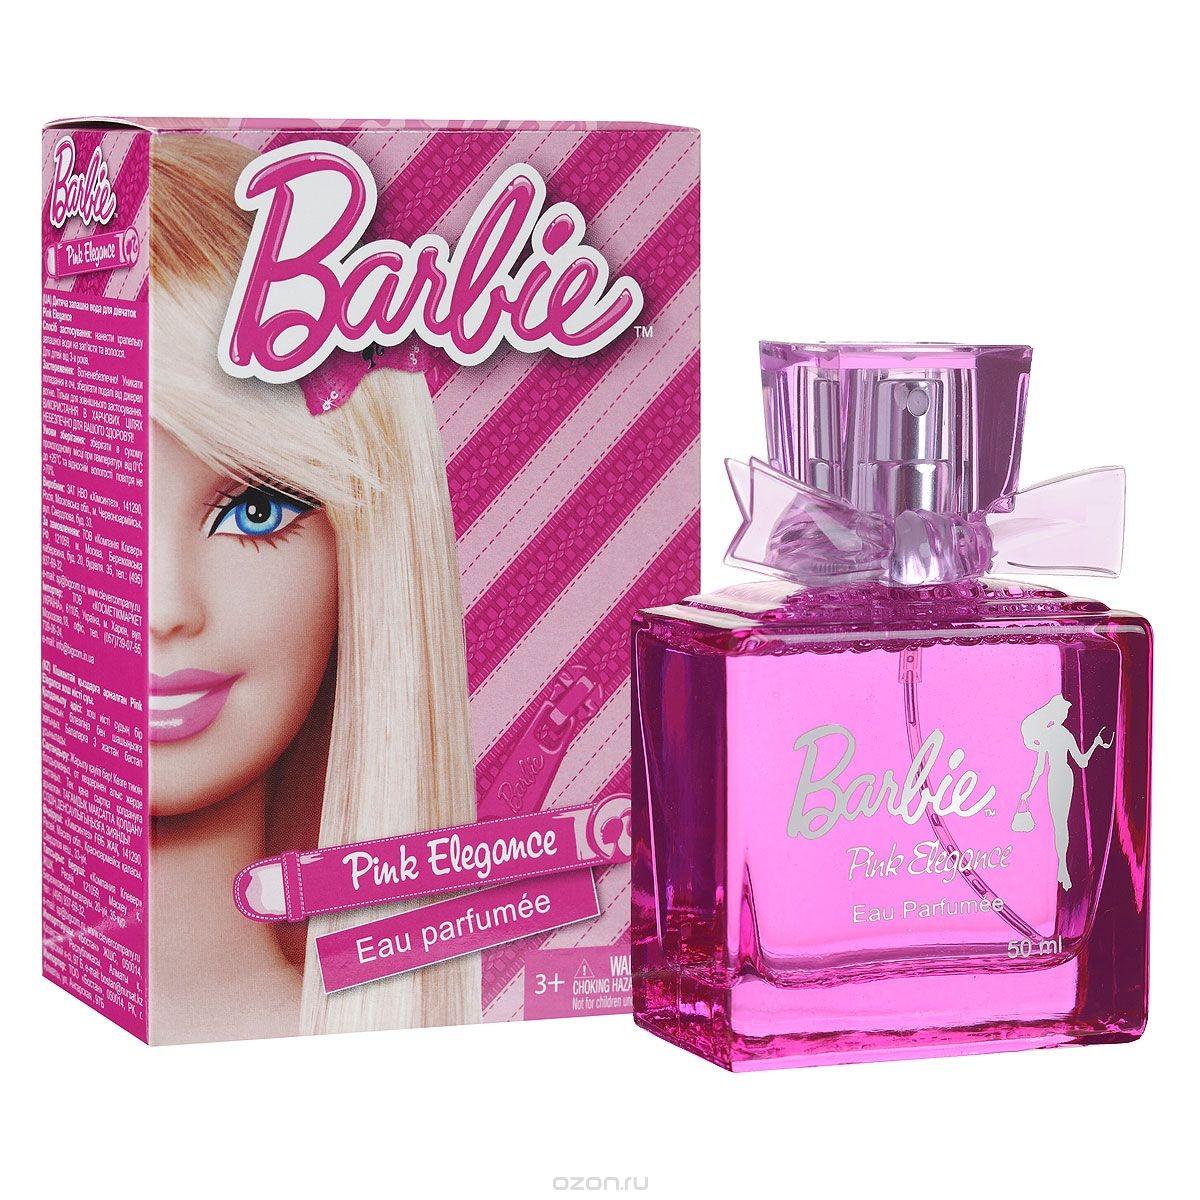 Душистая вода для девочек Pink Elegance (Barbie), 50 мл